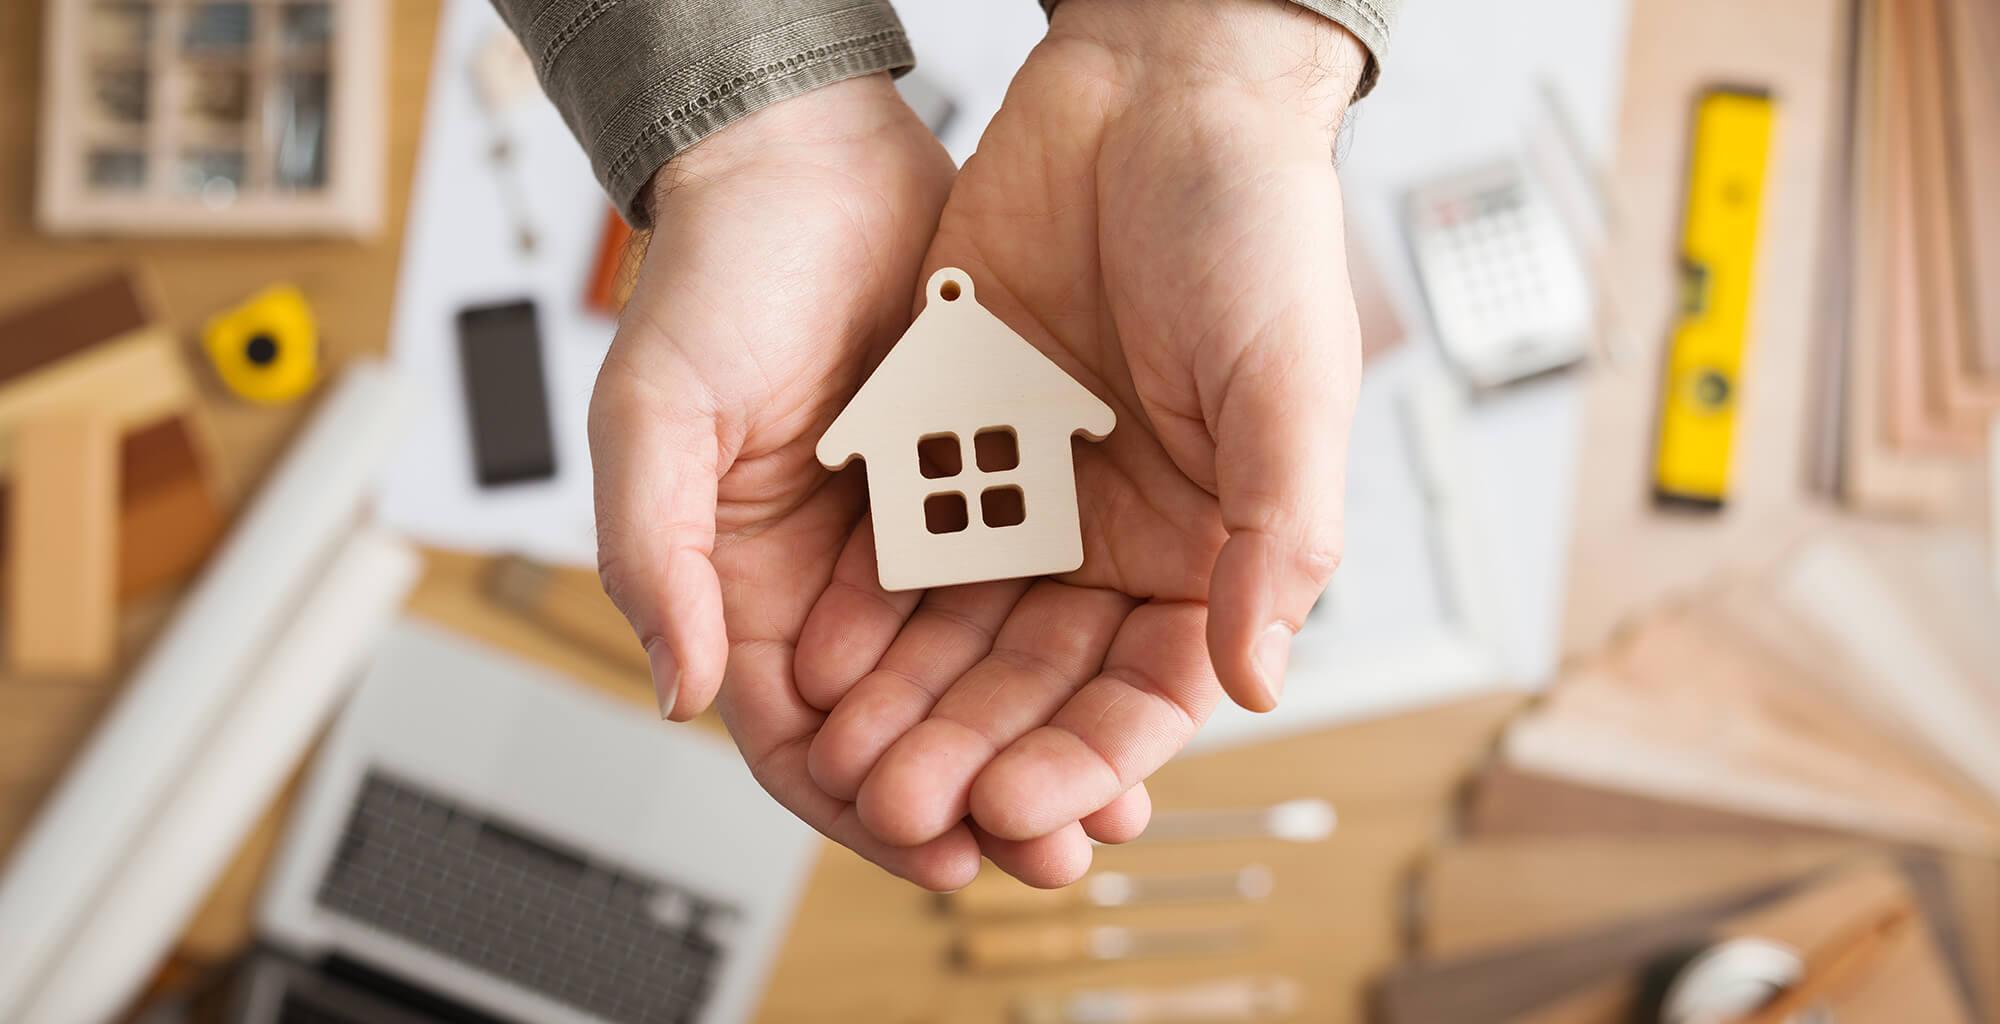 Договор дарения доли квартиры жене от мужа и можно ли оформить дарственную мужу от жены после покупки с маткапиталом?